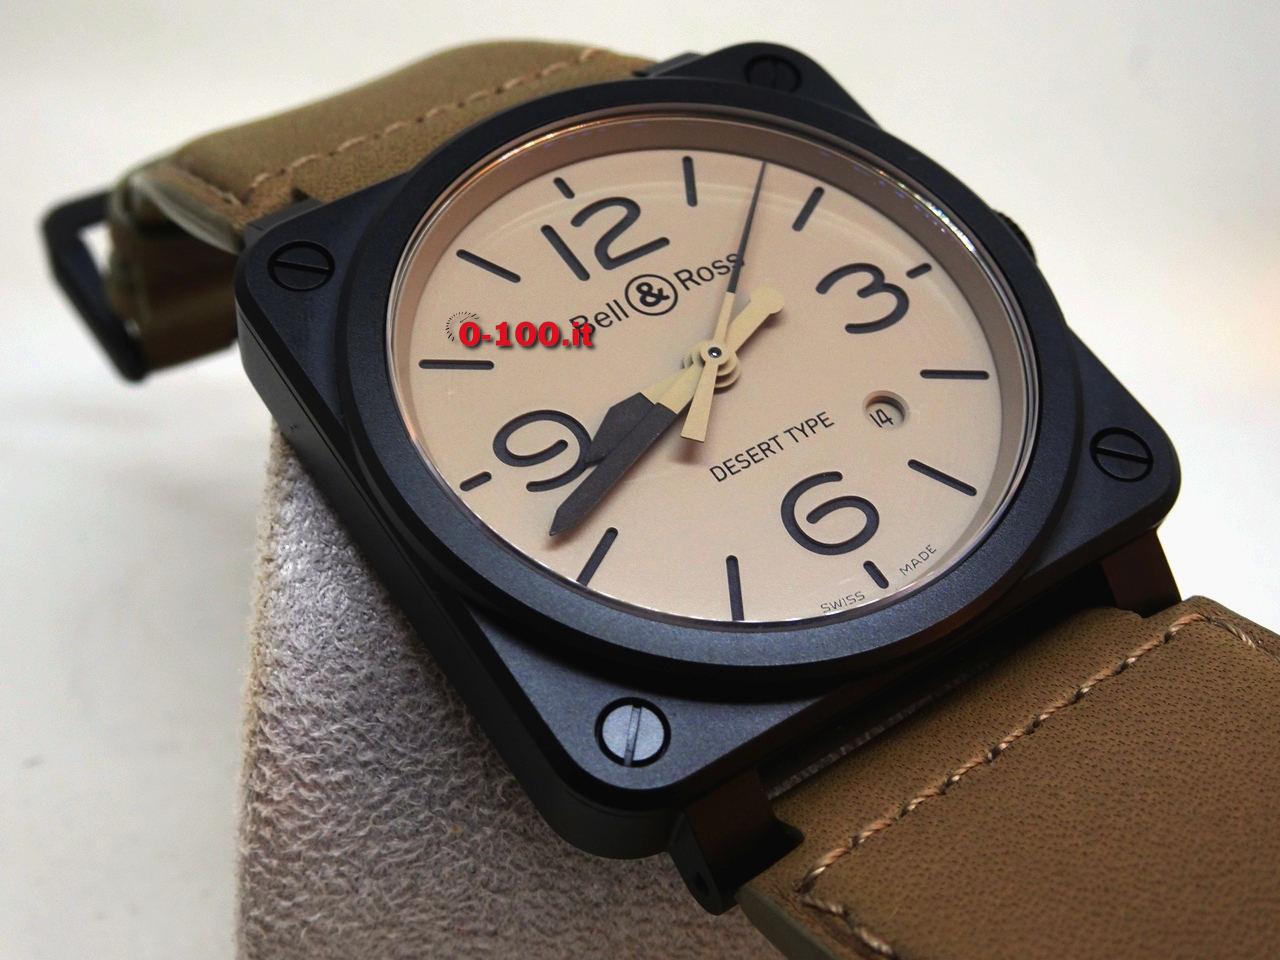 bell-ross-BR03-Desert-Type-prezzo-price-0-100_14